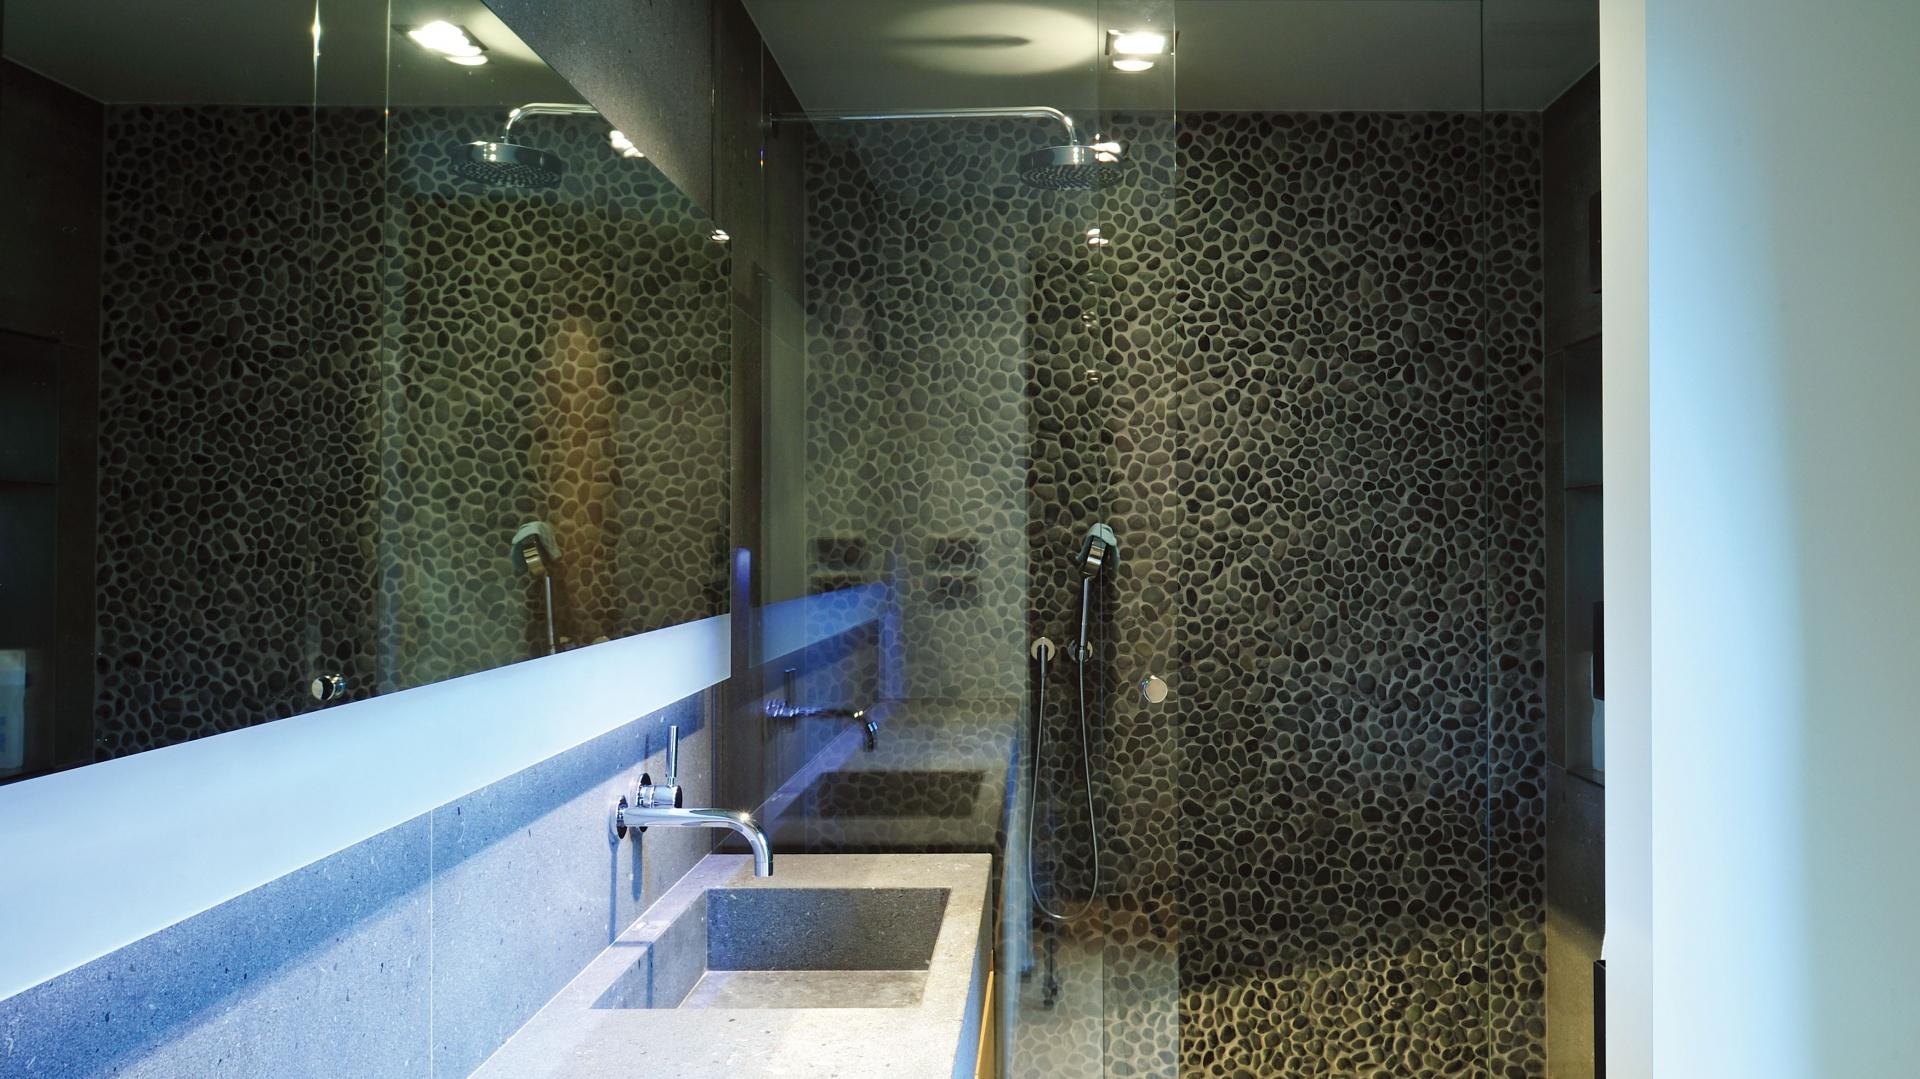 Oryginalny sposób na wykończenie strefy prysznica: kamyczki. Projekt: Coblonal Arquitectura. Fot. Coblonal Arquitectura.